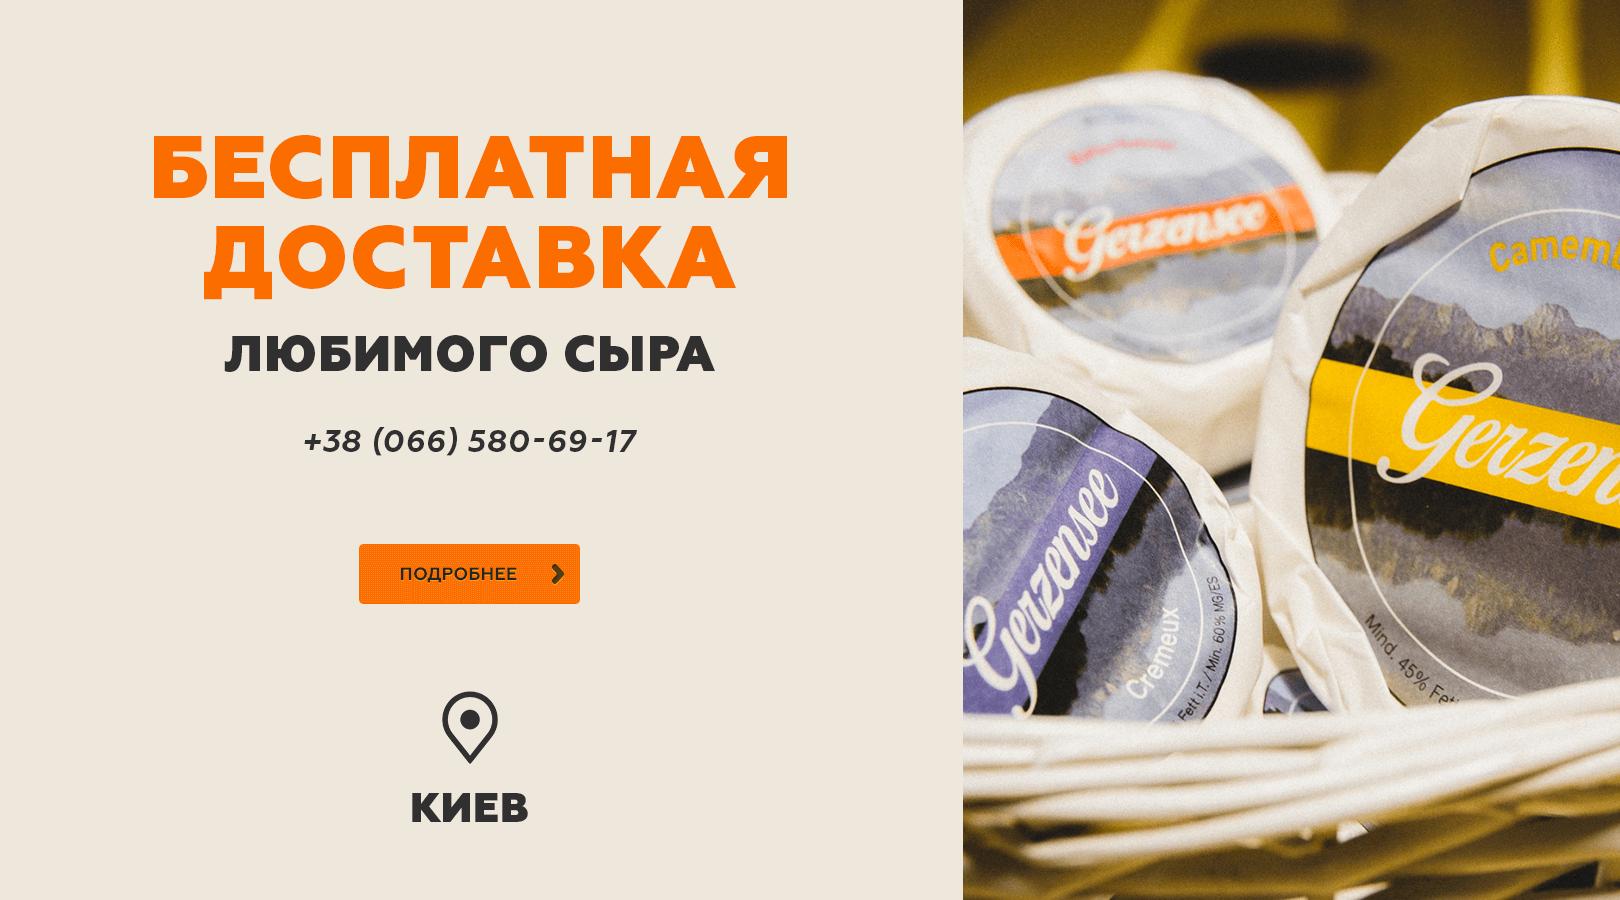 Бесплатная доставка сыра от швейцарского ресторана в Киеве